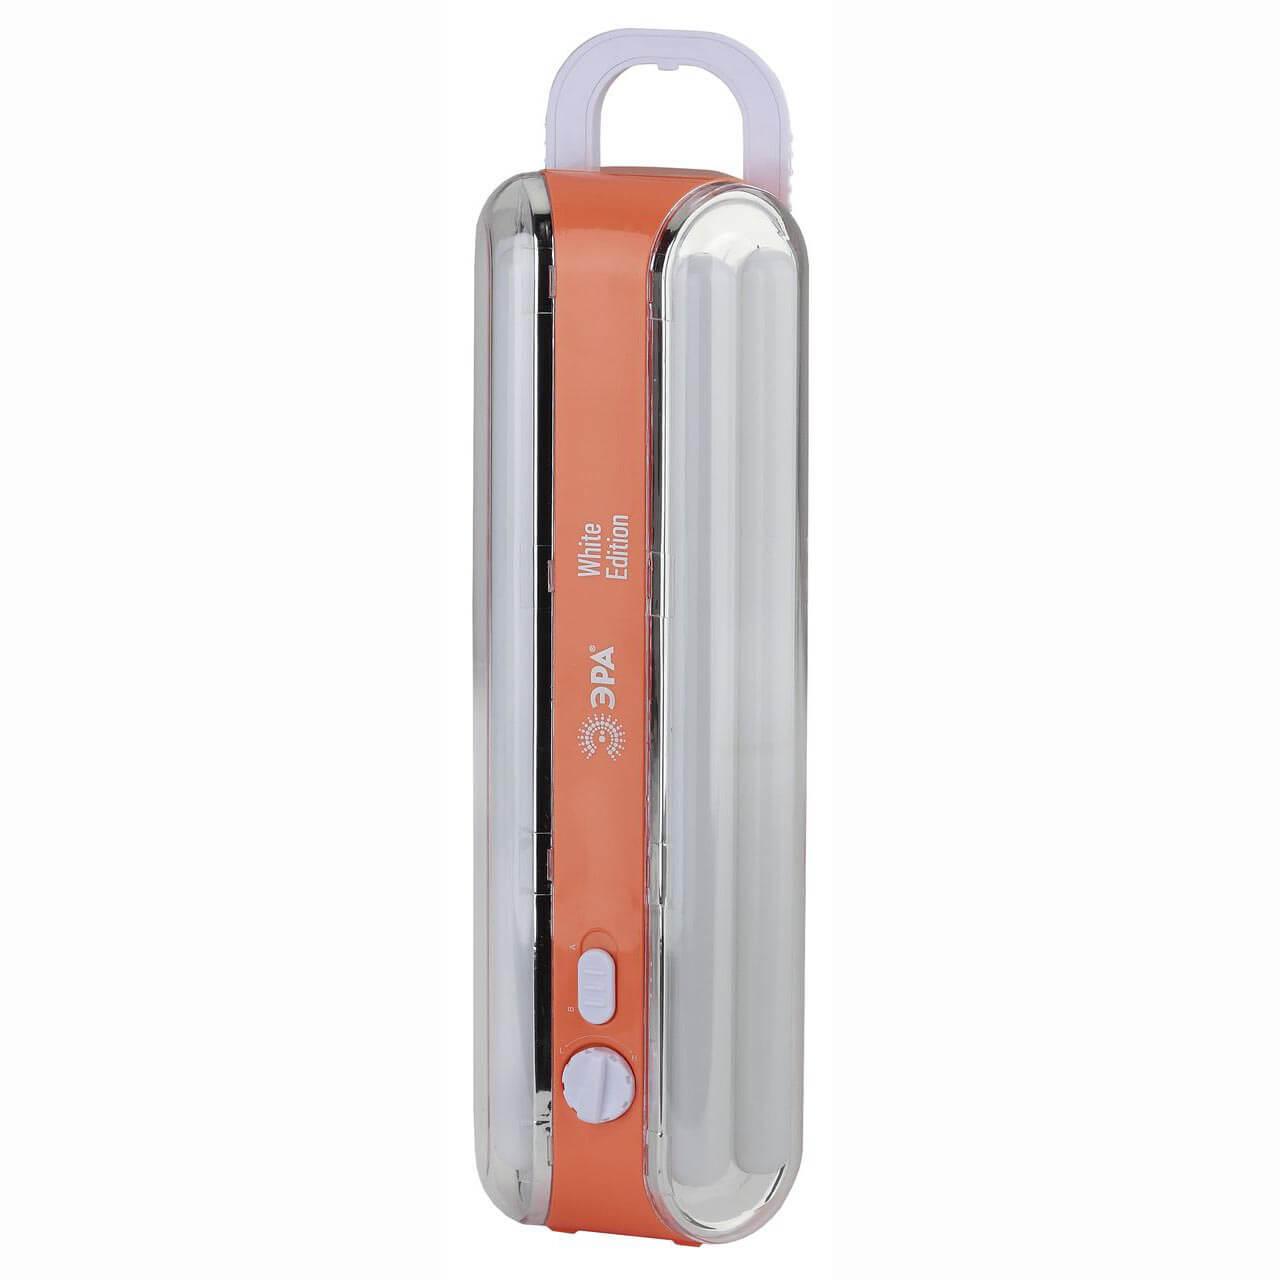 цена на Переносной аварийный светодиодный фонарь ЭРА аккумуляторный 414 лм EL96S